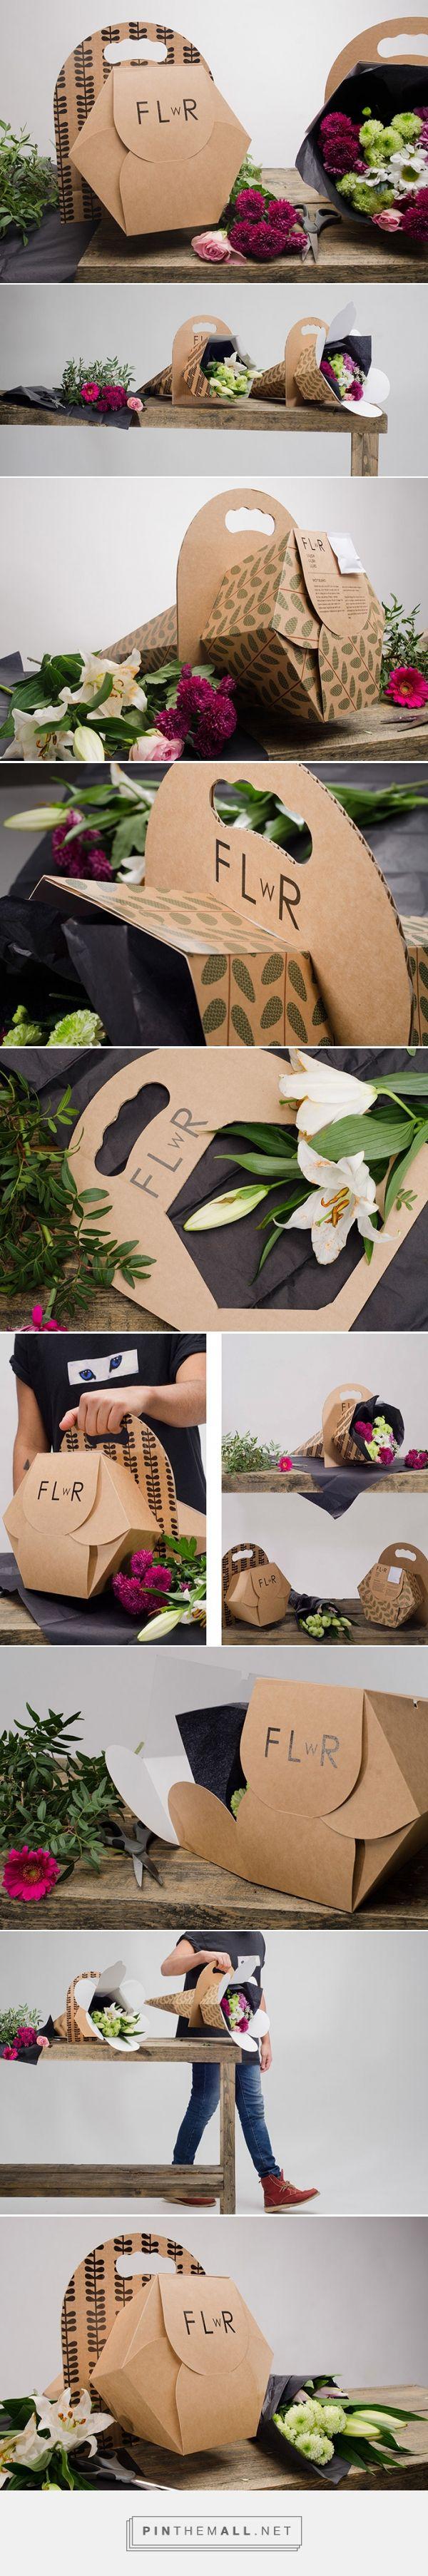 The Future of Flower Packaging | Linn Karlsson, Nina Kloss & Jonathan Jonsson